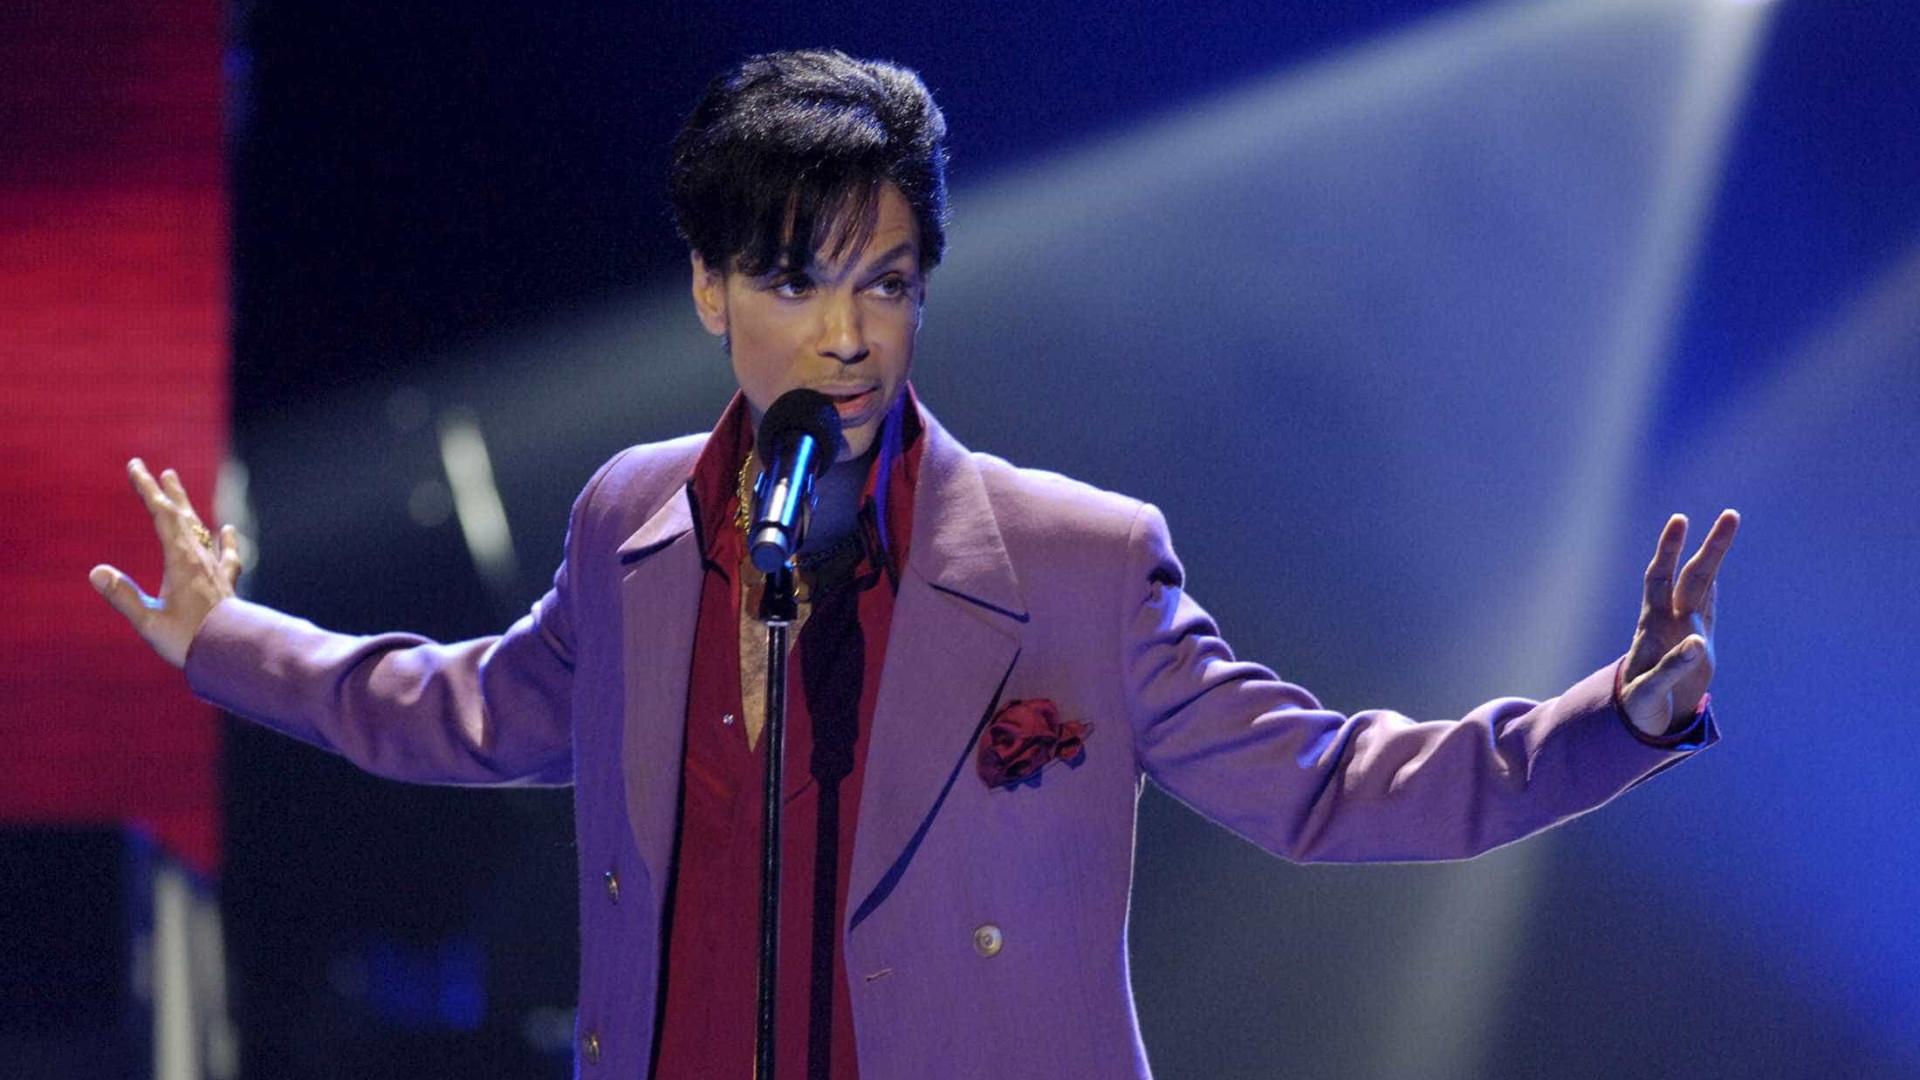 Gravadora de Prince lança álbum póstumo por seu 60º aniversário